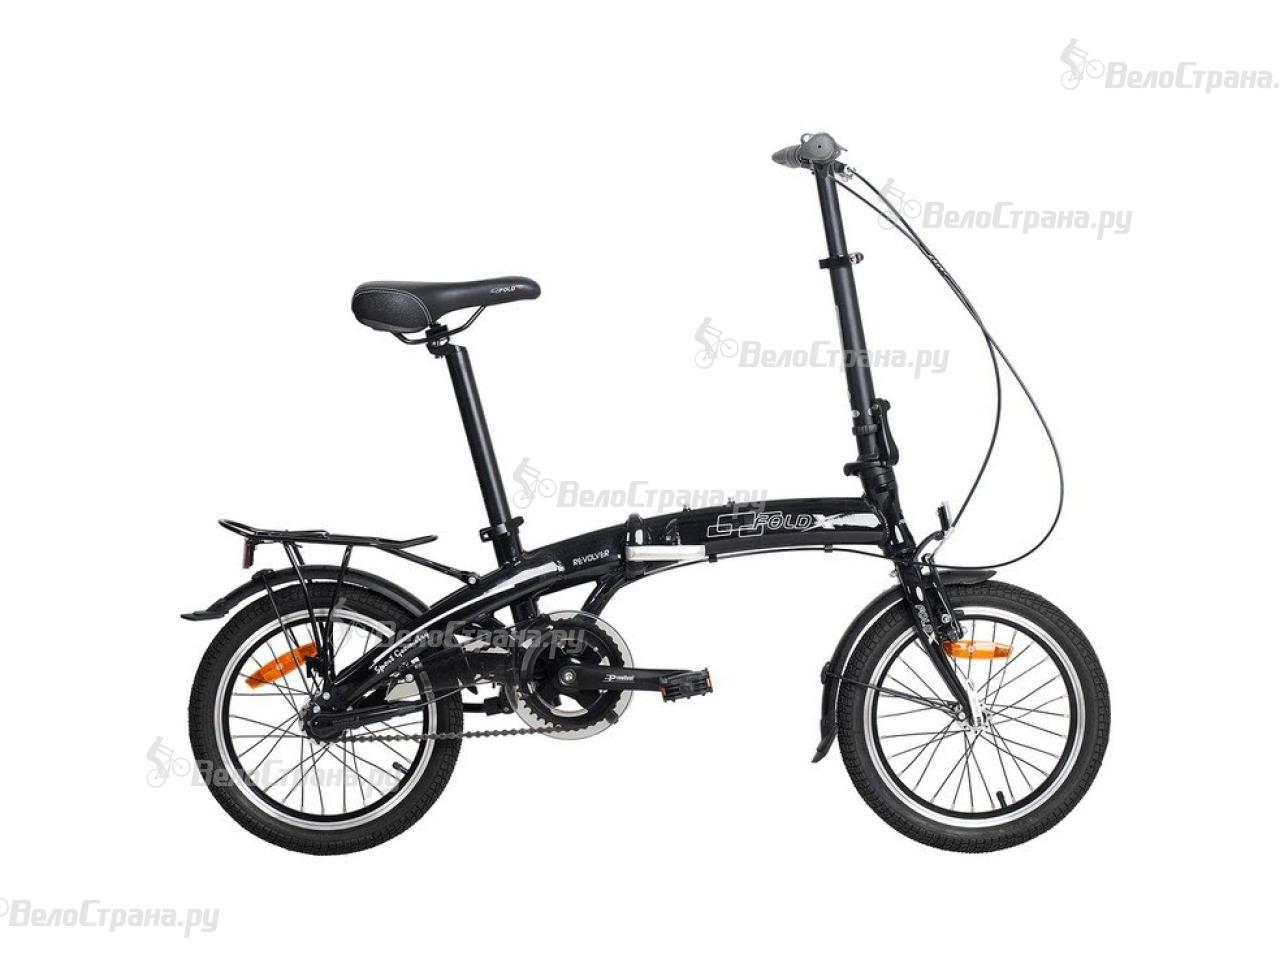 Велосипед FoldX Revolver (2016) цены онлайн